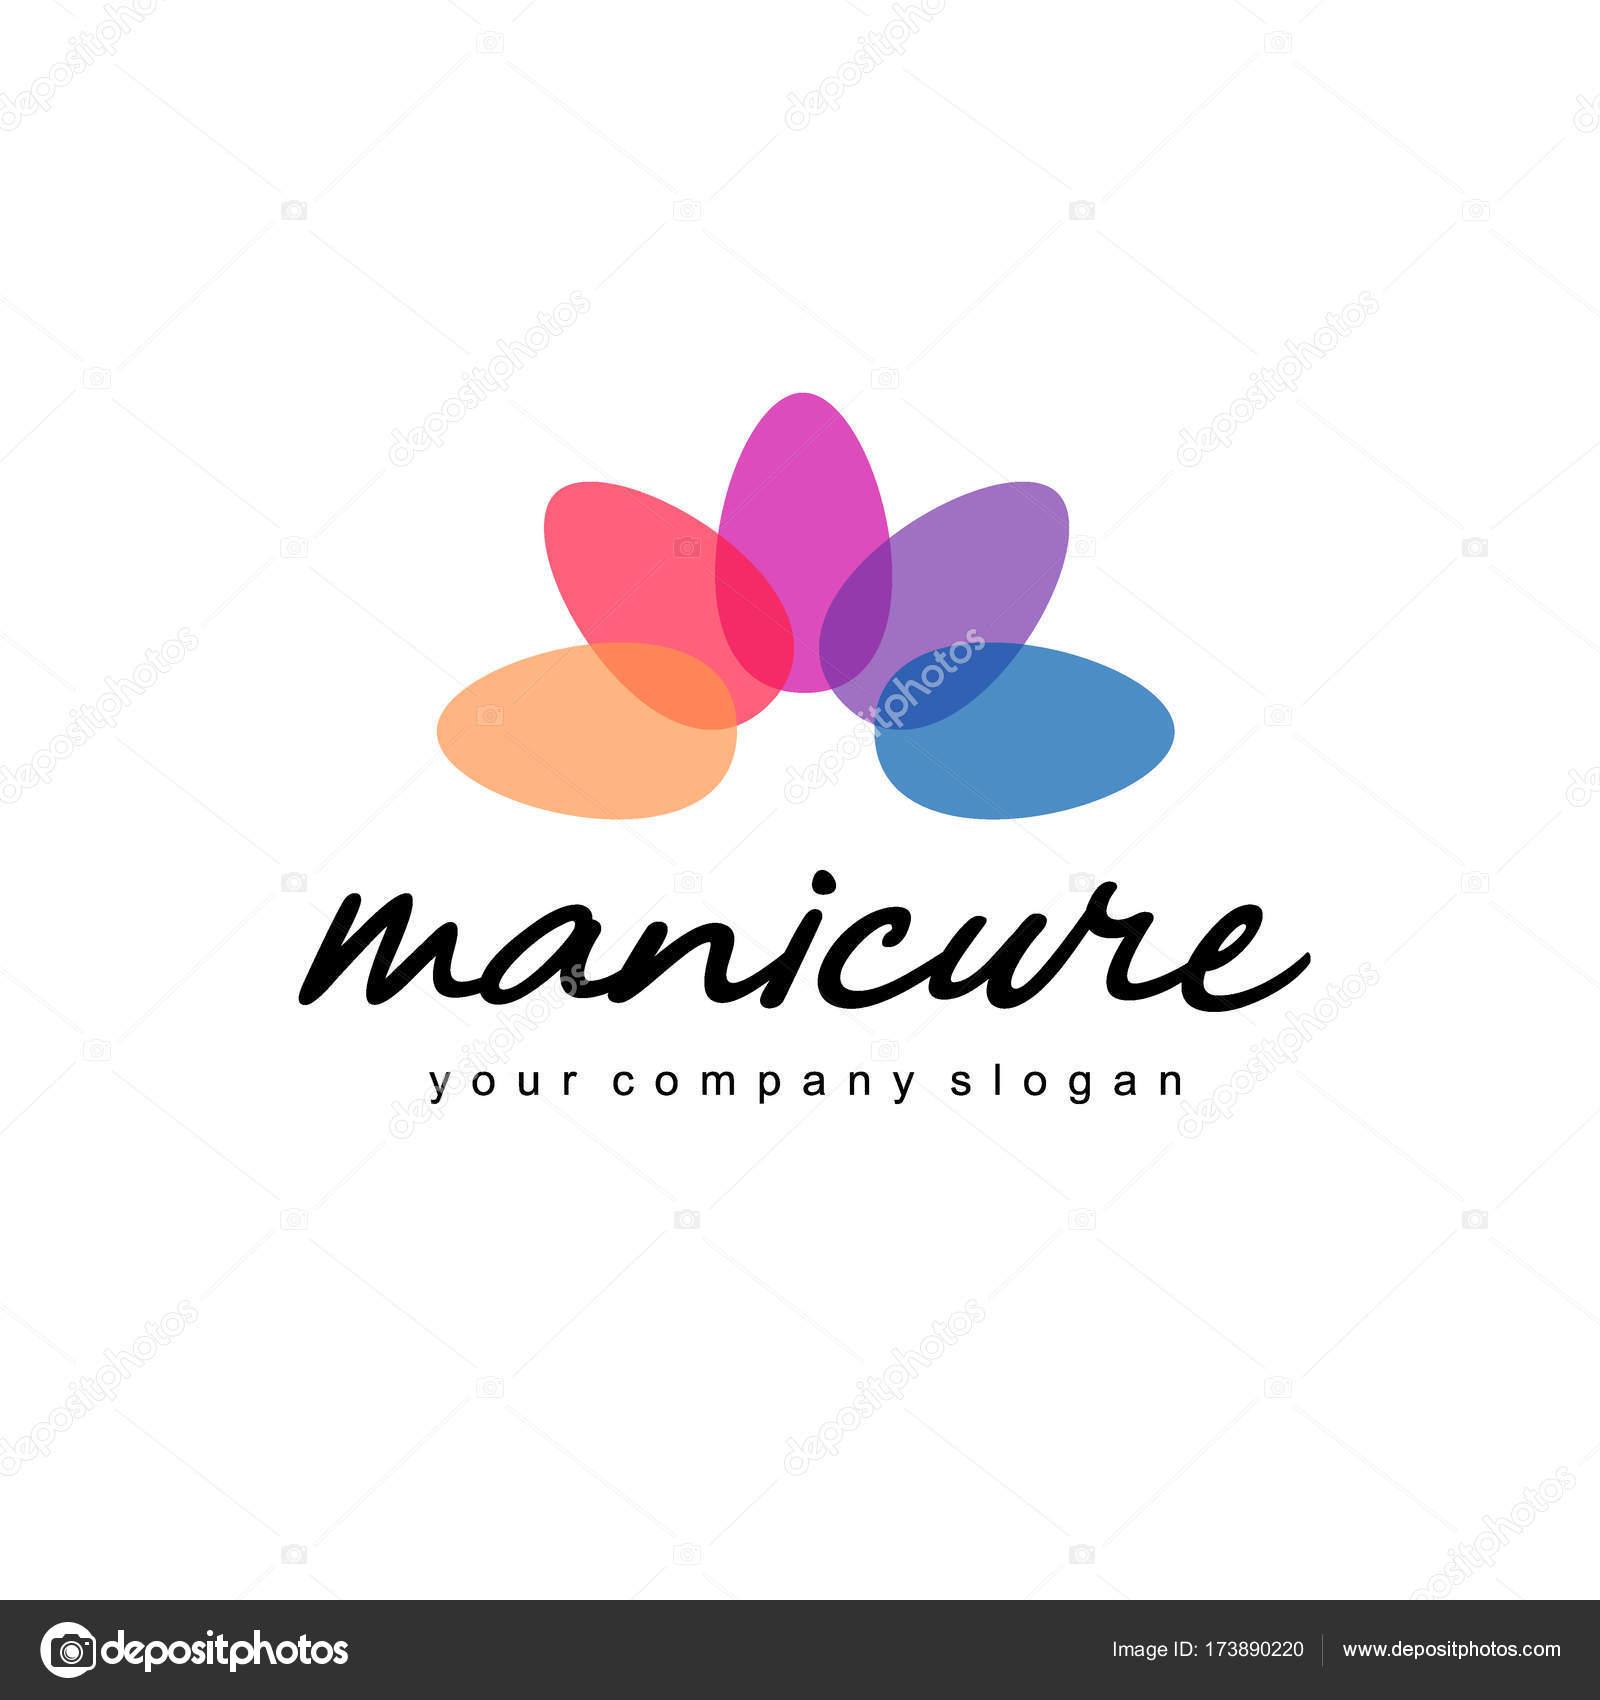 vector dise241o de logotipo para manicure y u241as de sal243n